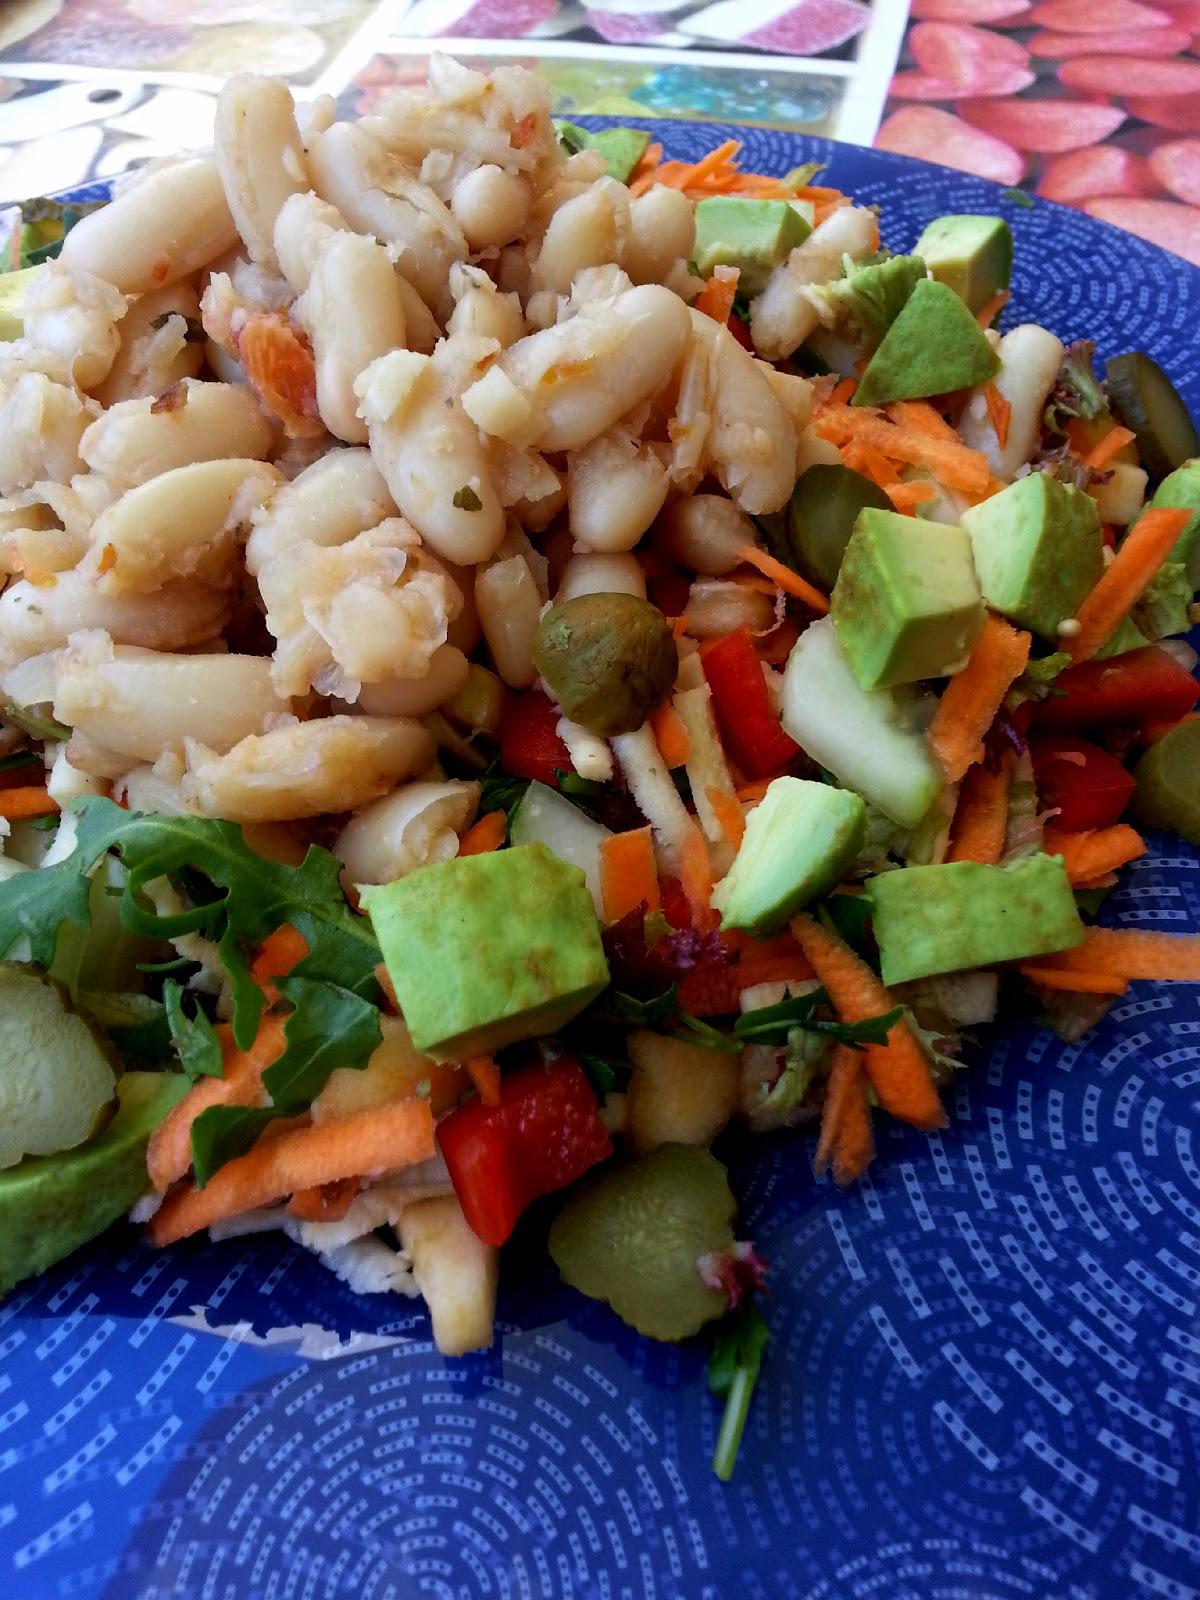 Vegspiration blog de inspiraci n vegana ensalada fria de alubias judias blancas - Ensalada fria de judias blancas ...